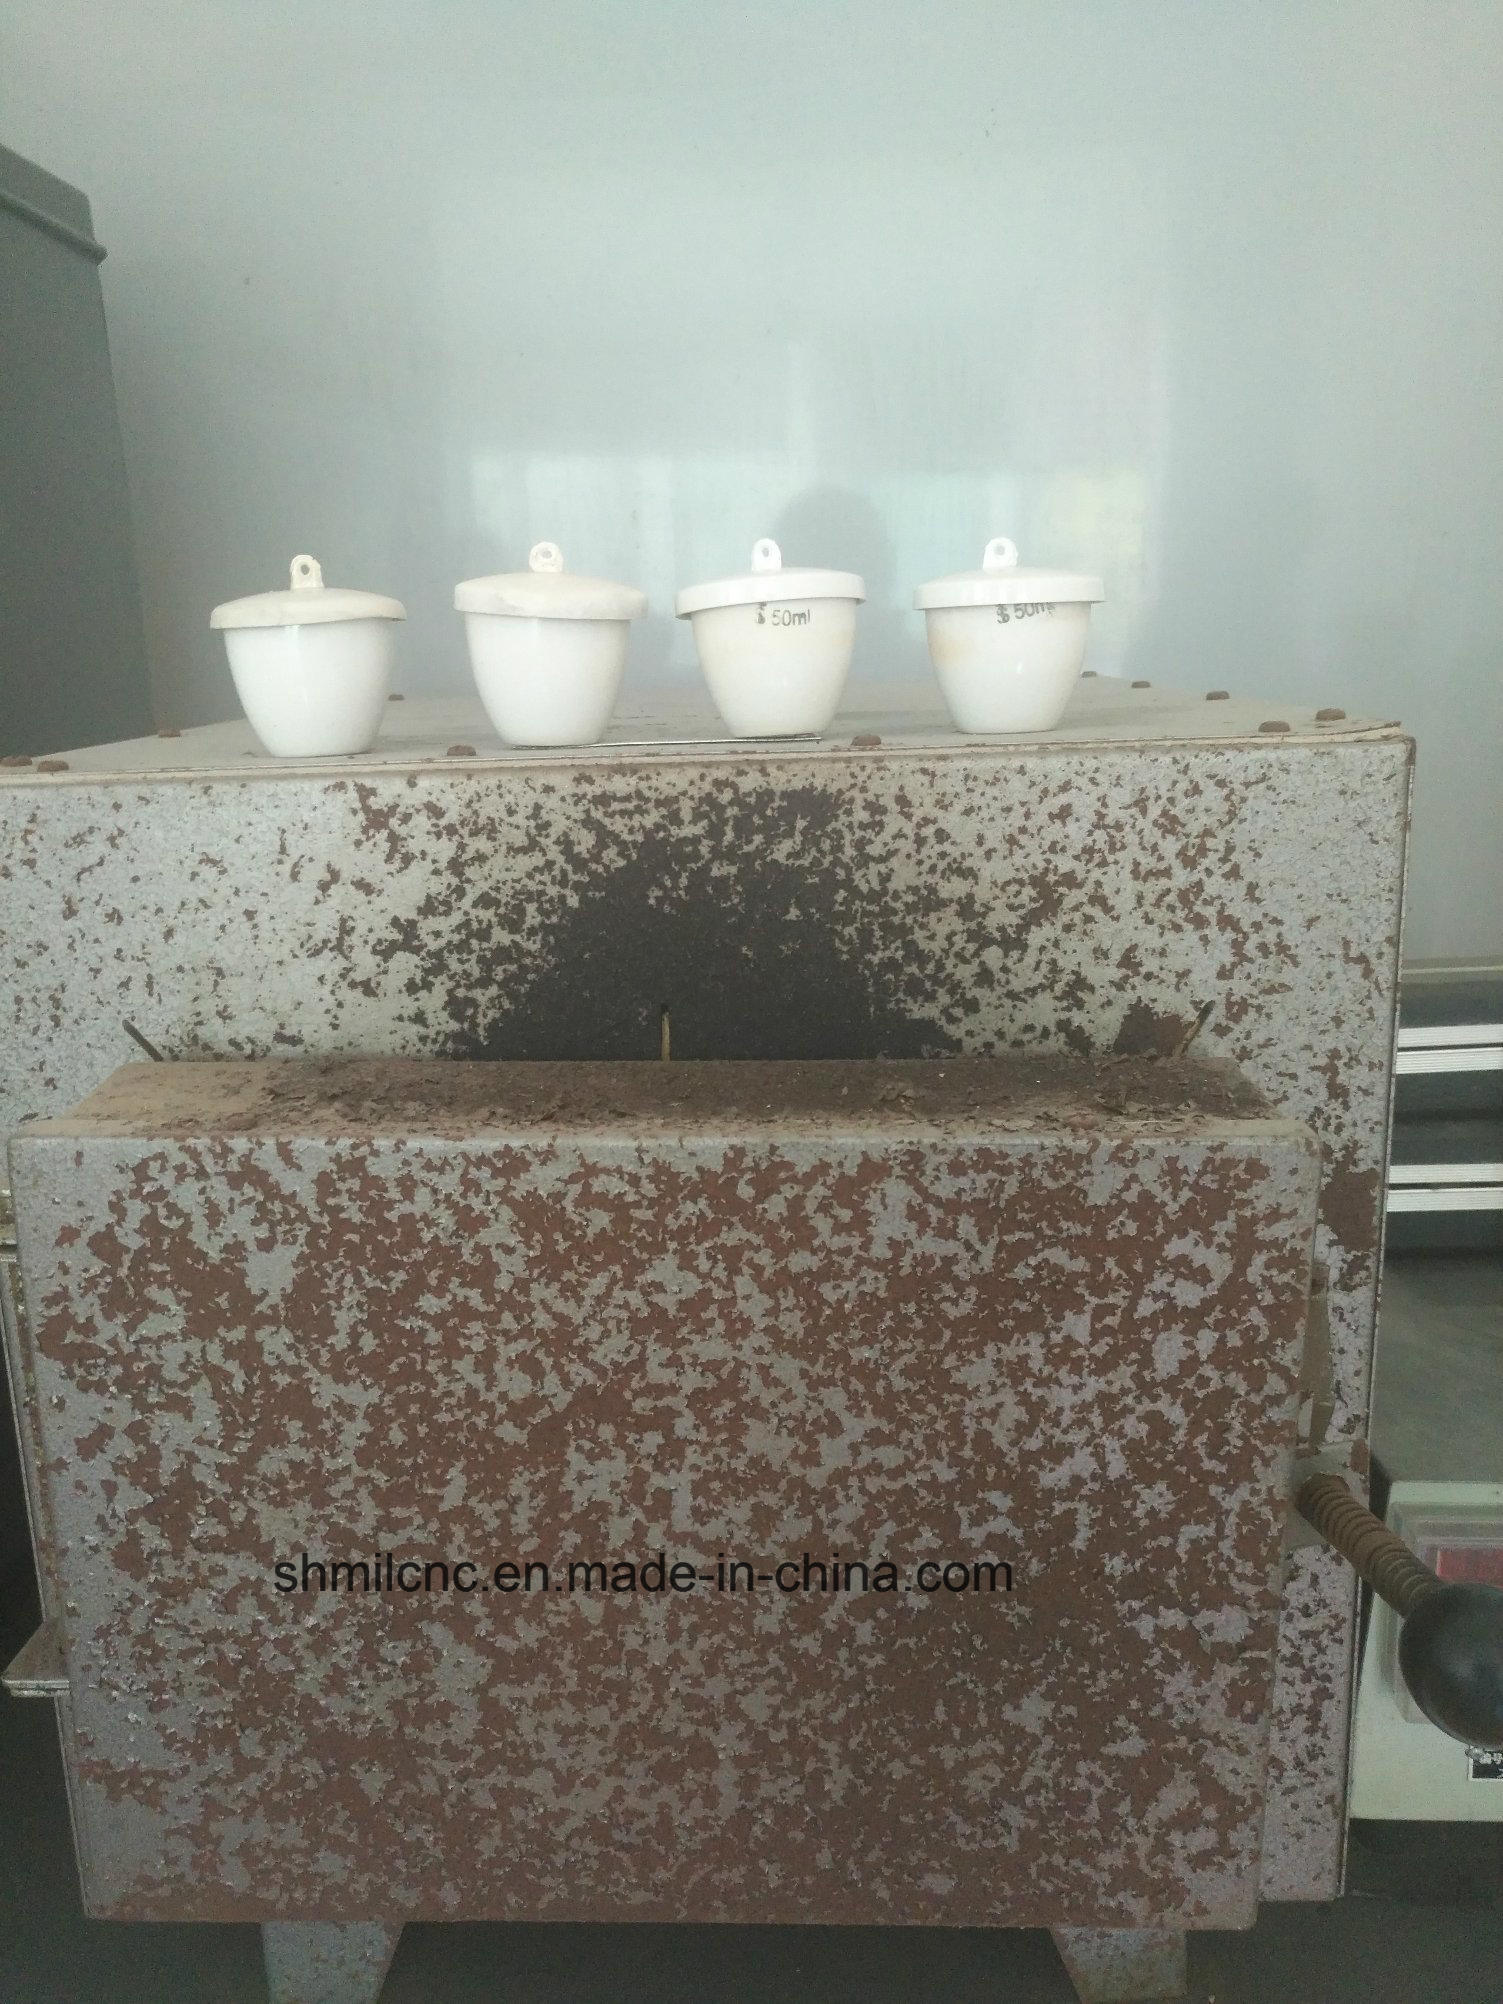 Sodium Alginate Textile Grade, Sodium Salt